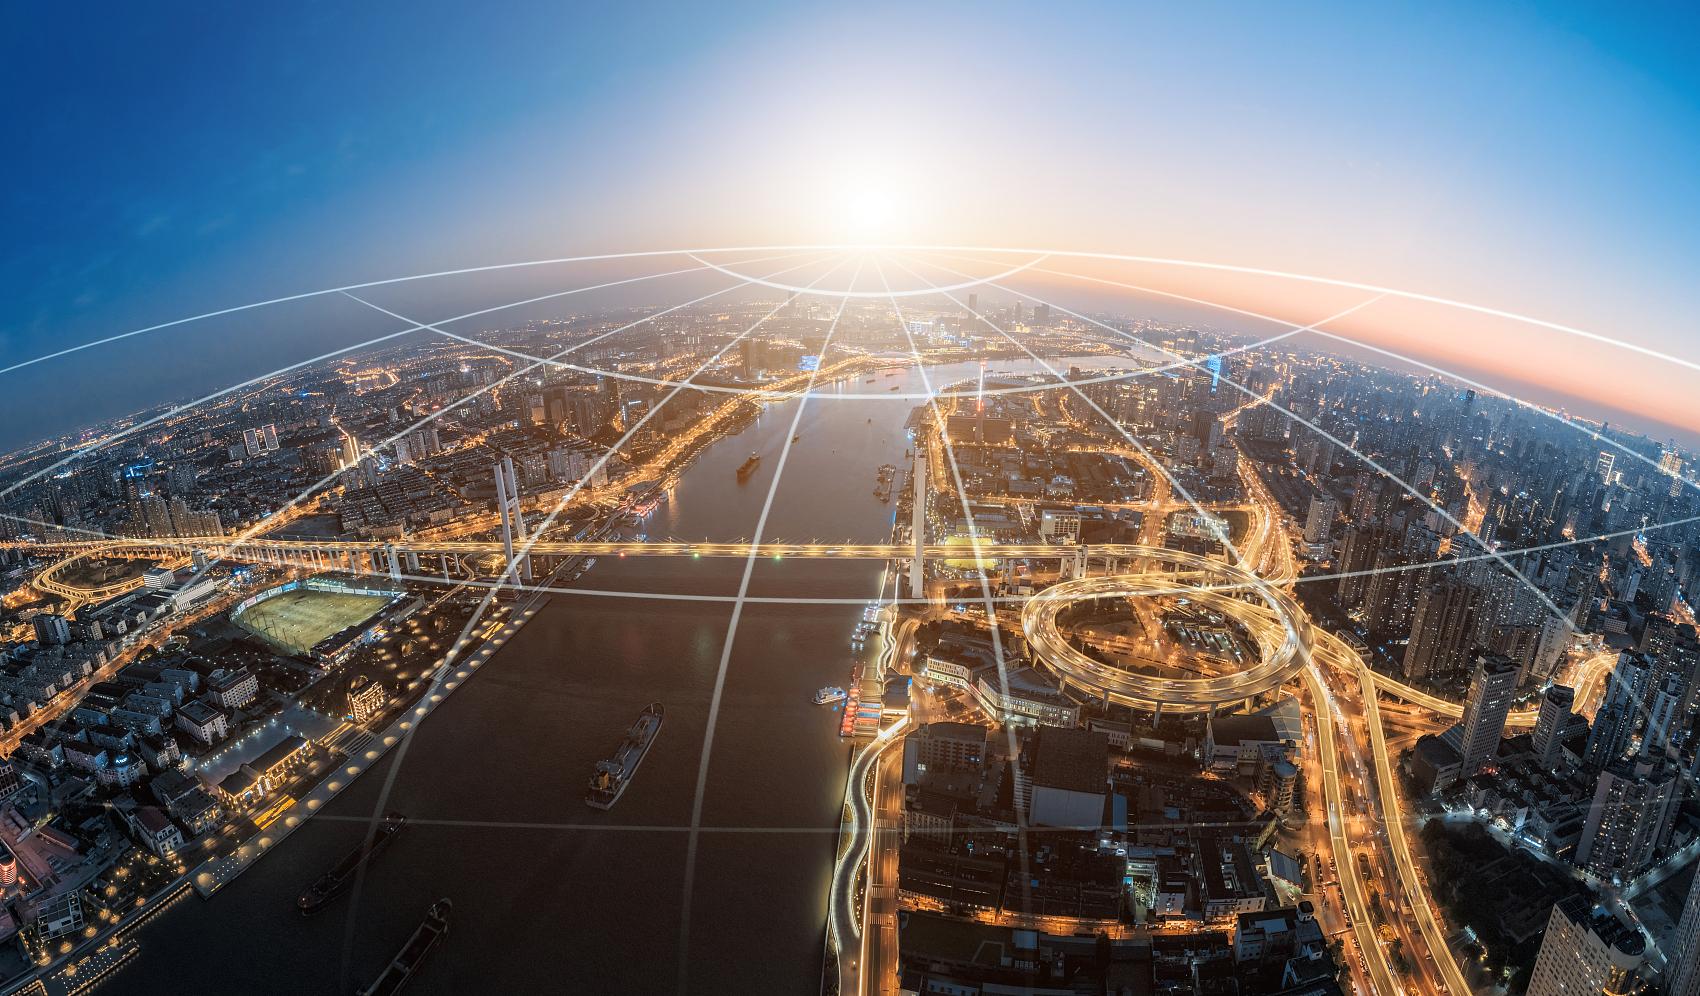 新基建下地产企业的数字化转型机遇——EDGE LI